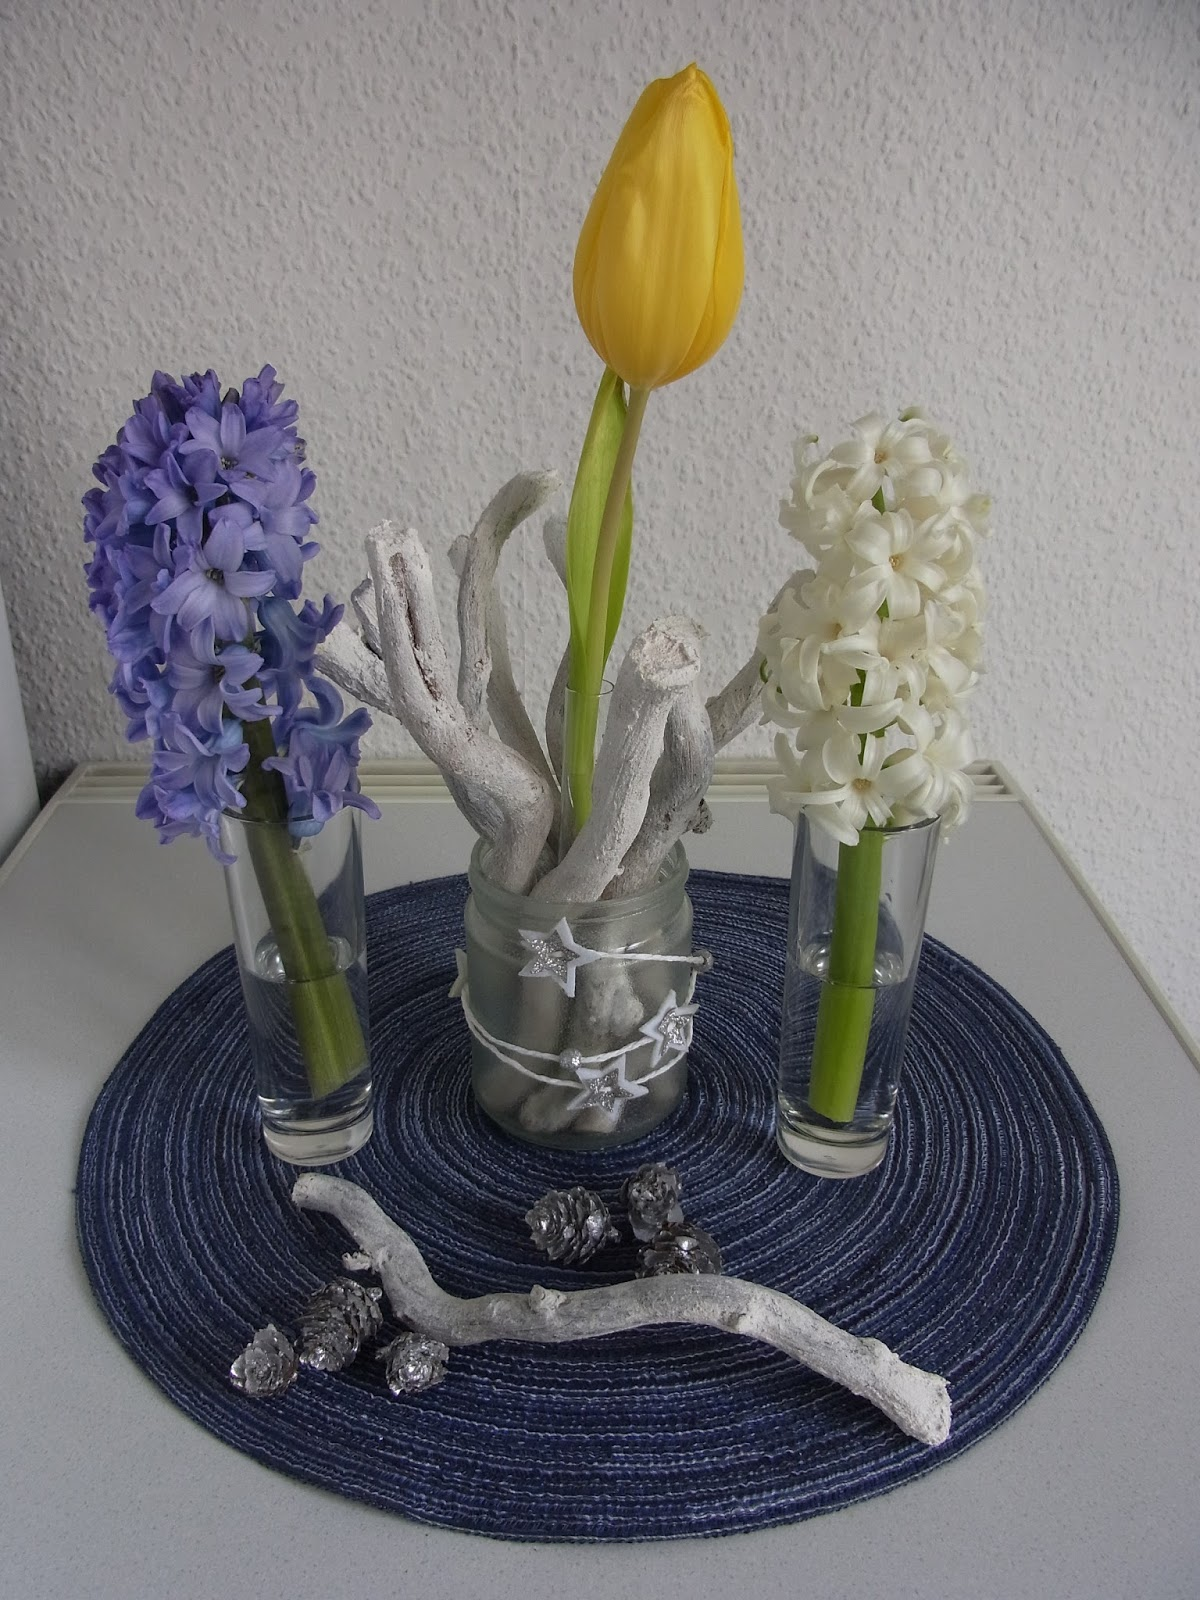 buntes bastelschaf blumenfreitag tulpen und hyazinthen. Black Bedroom Furniture Sets. Home Design Ideas